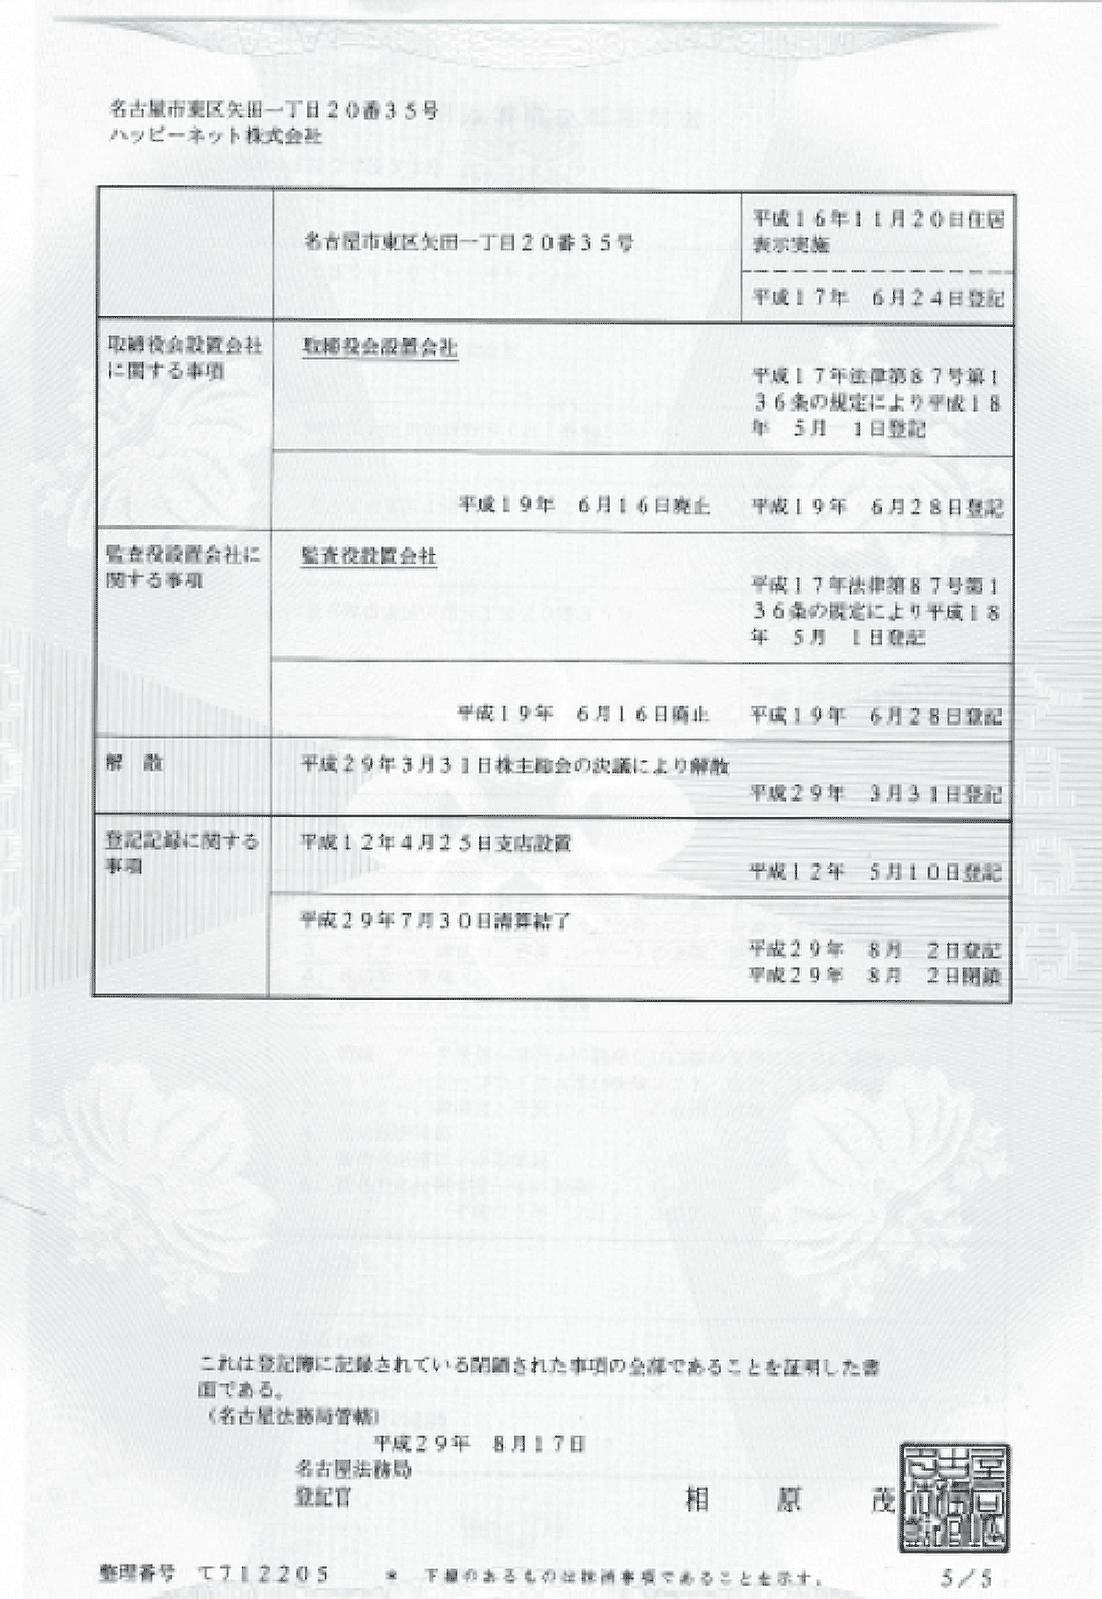 登記簿謄本からの抜粋